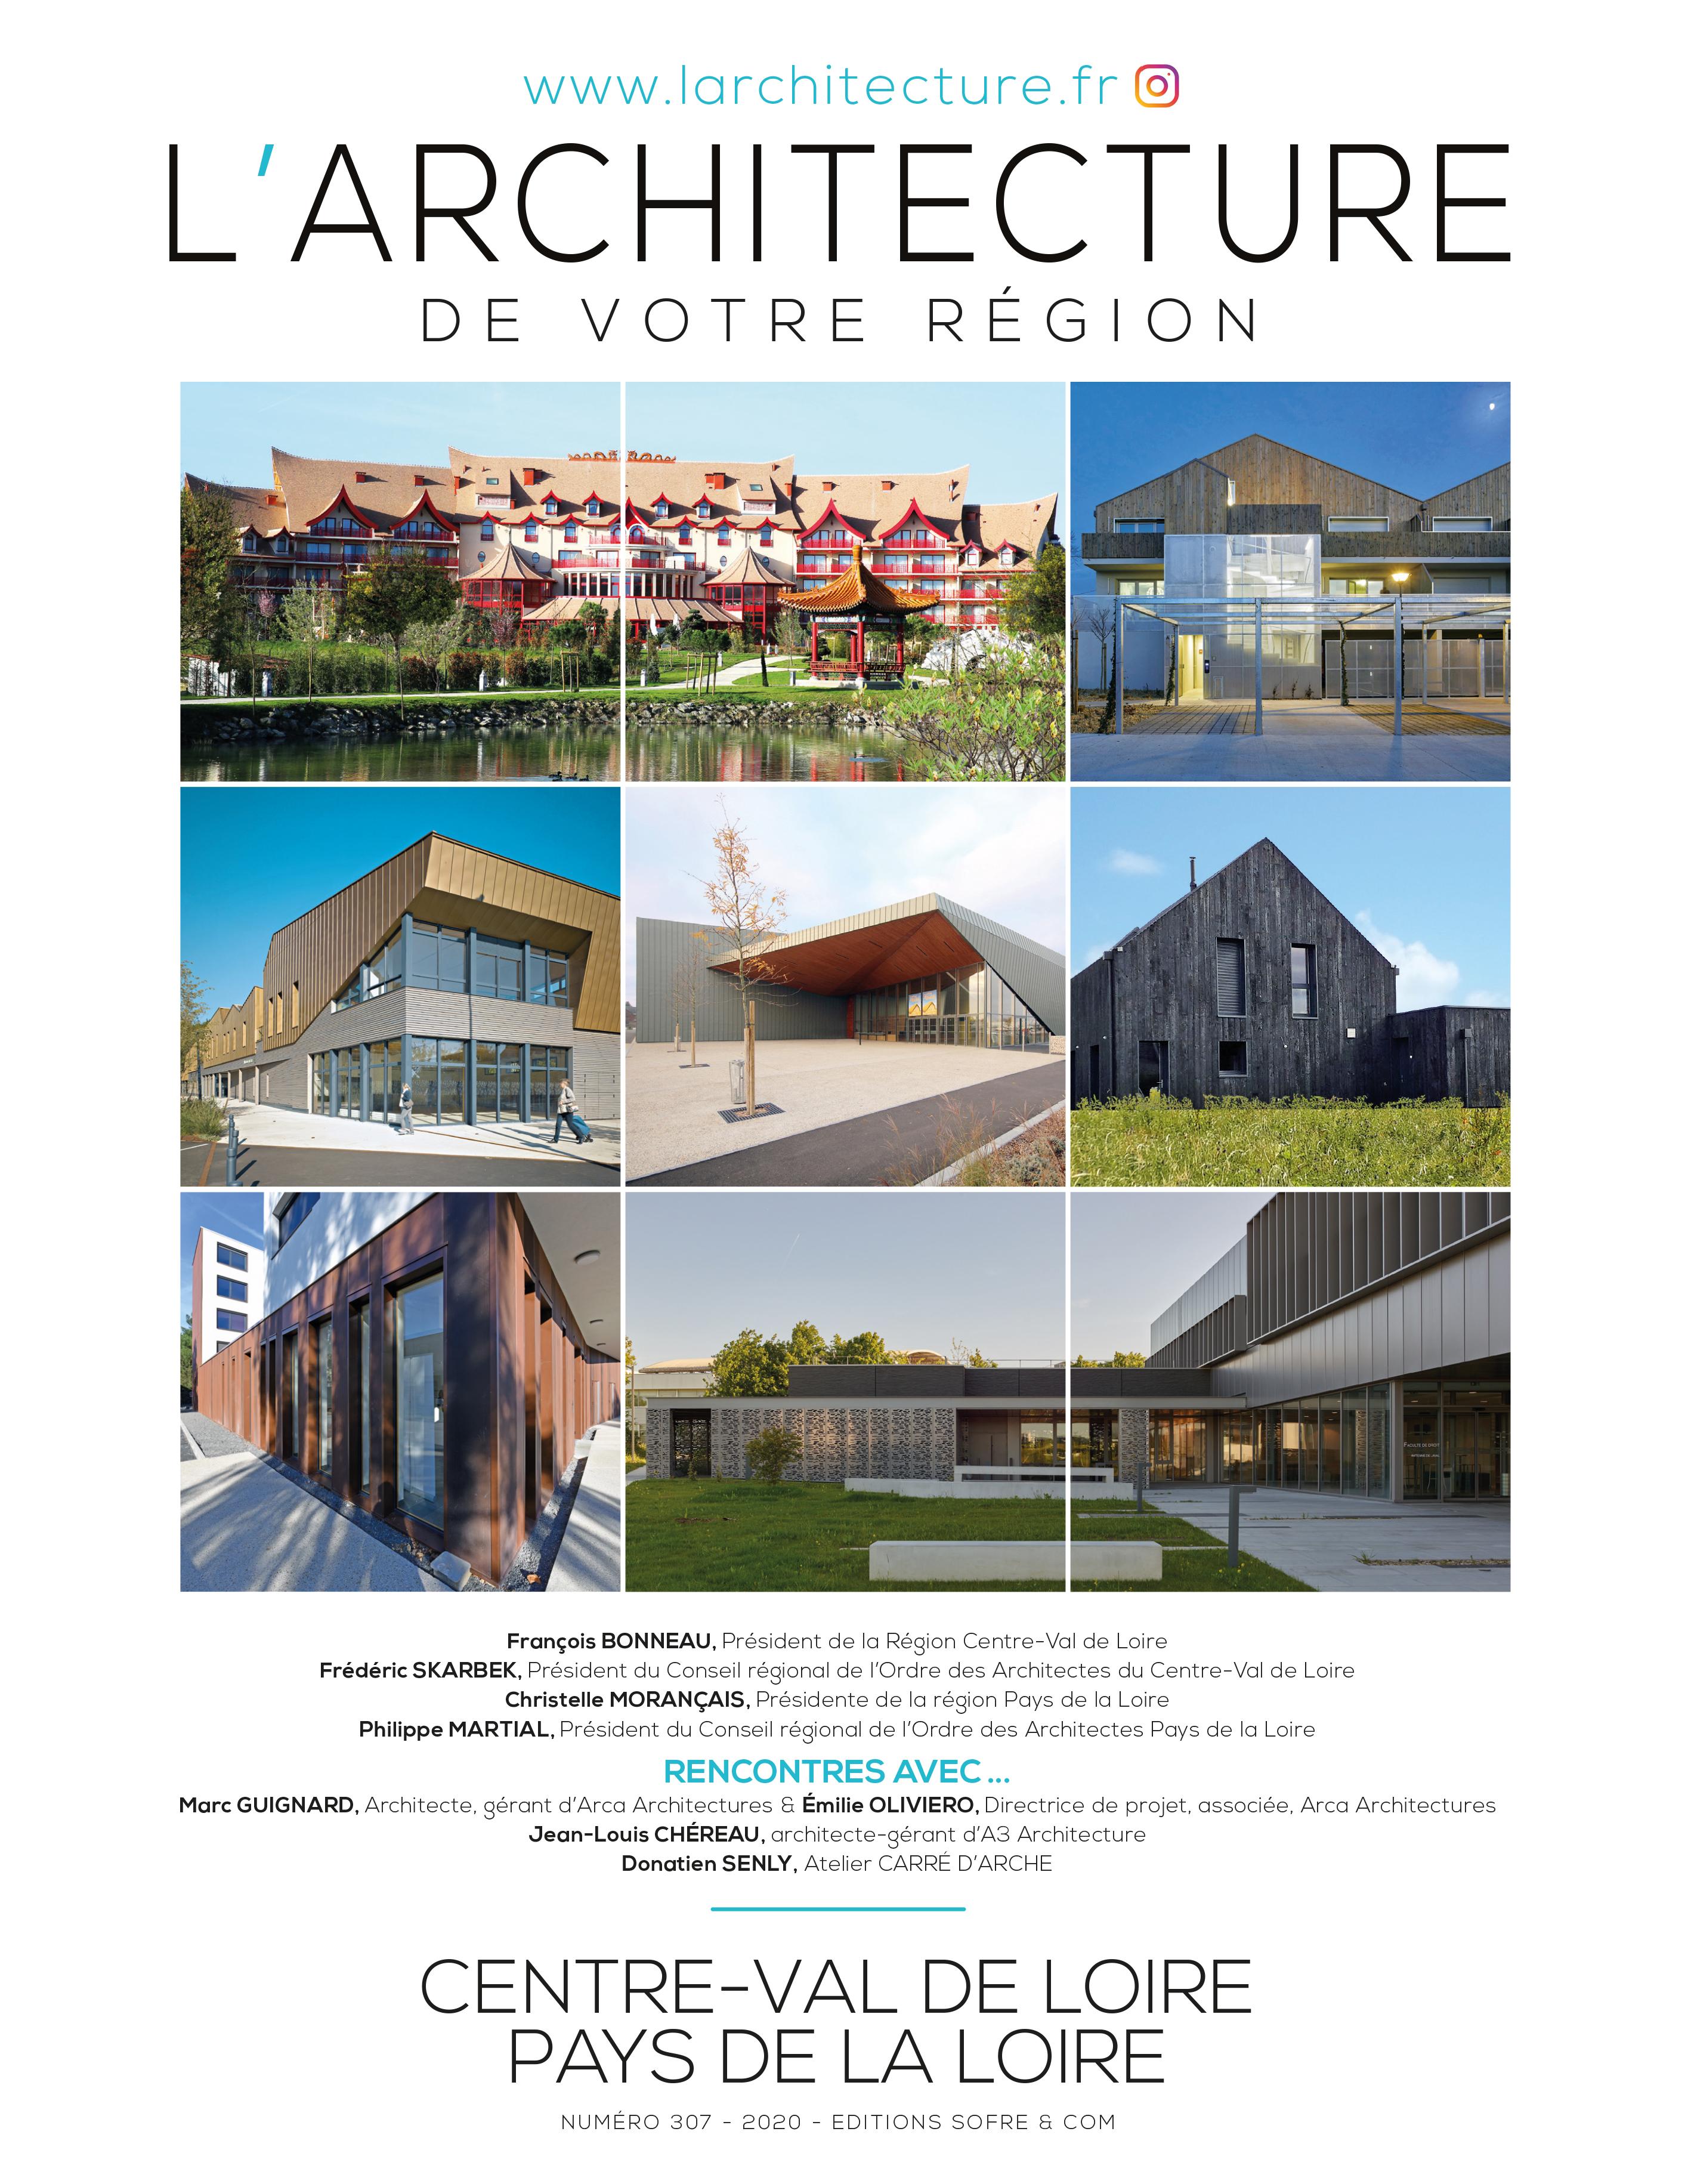 CENTRE-VAL DE LOIRE / PAYS DE LA LOIRE